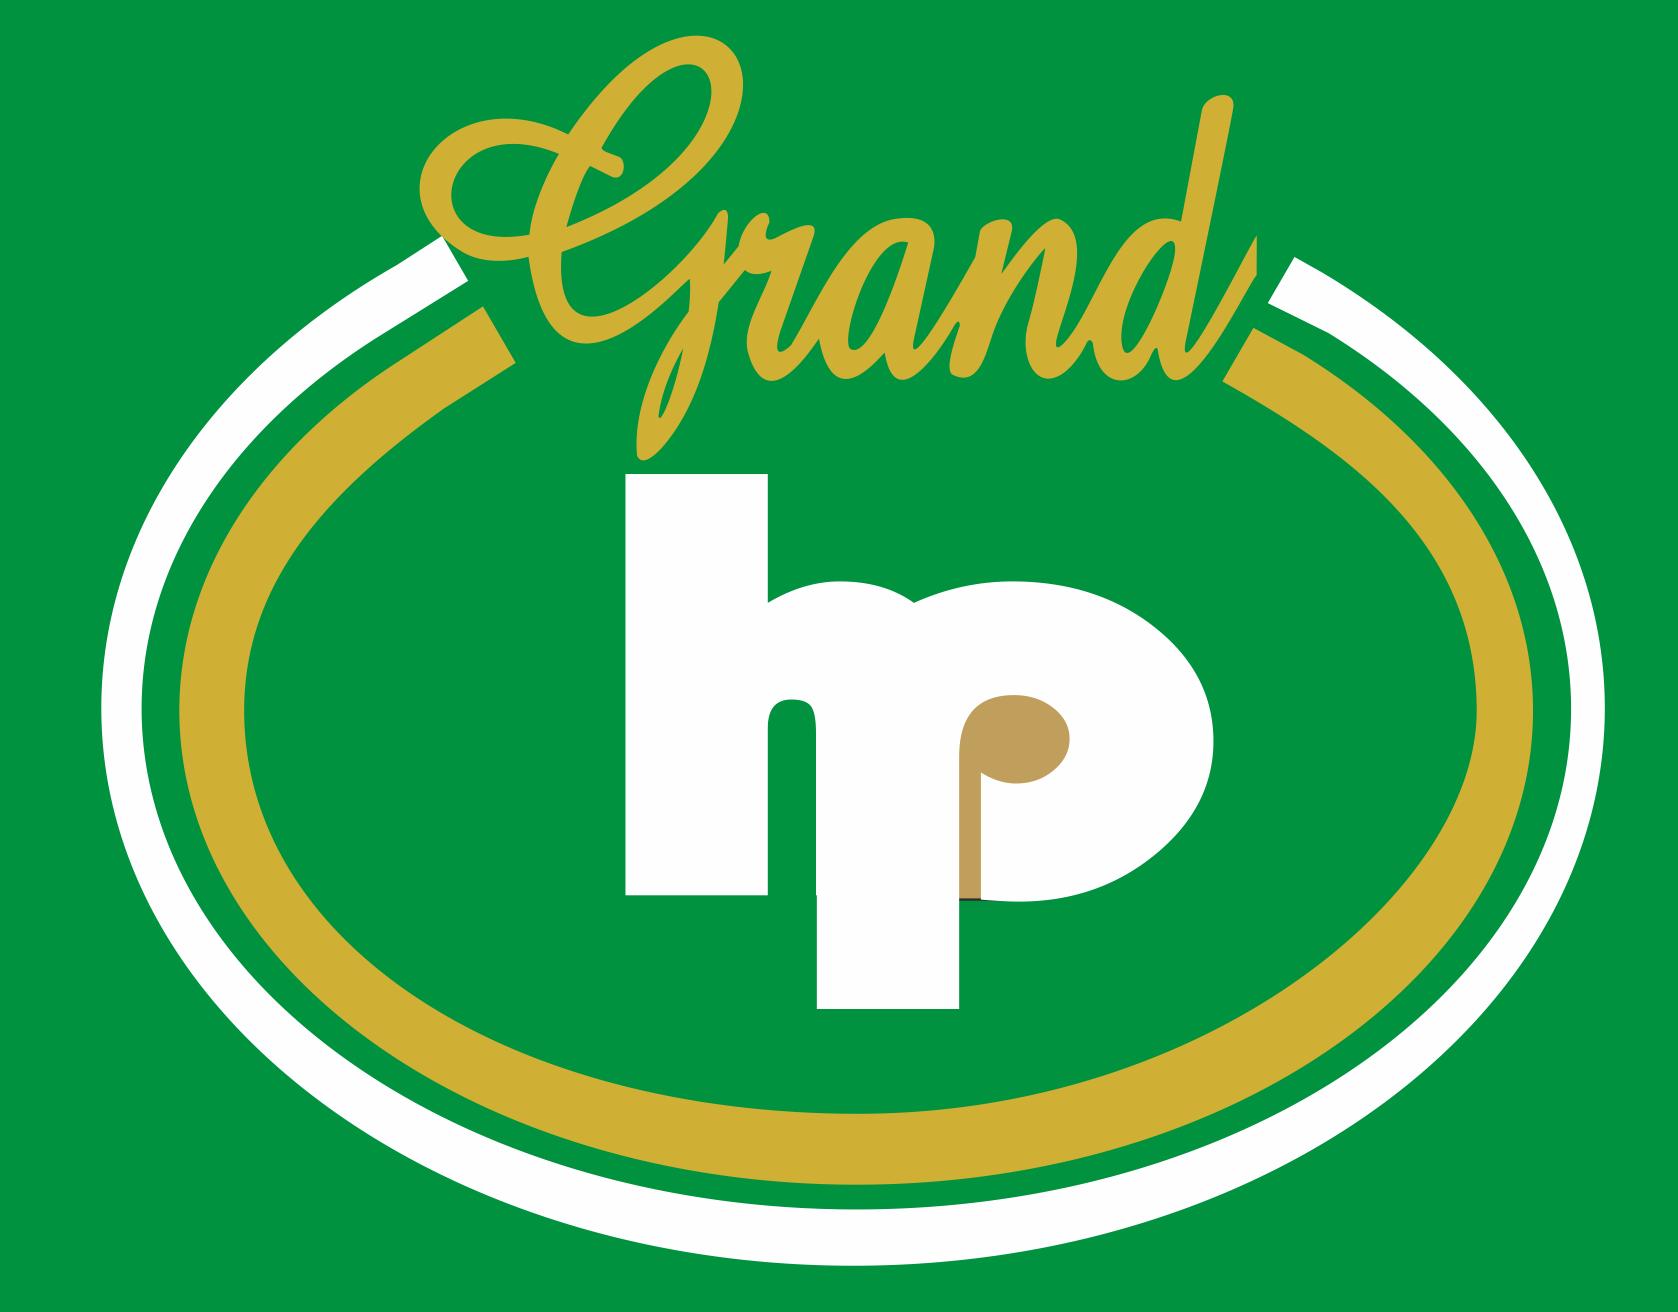 Hotel Grand Pangestu